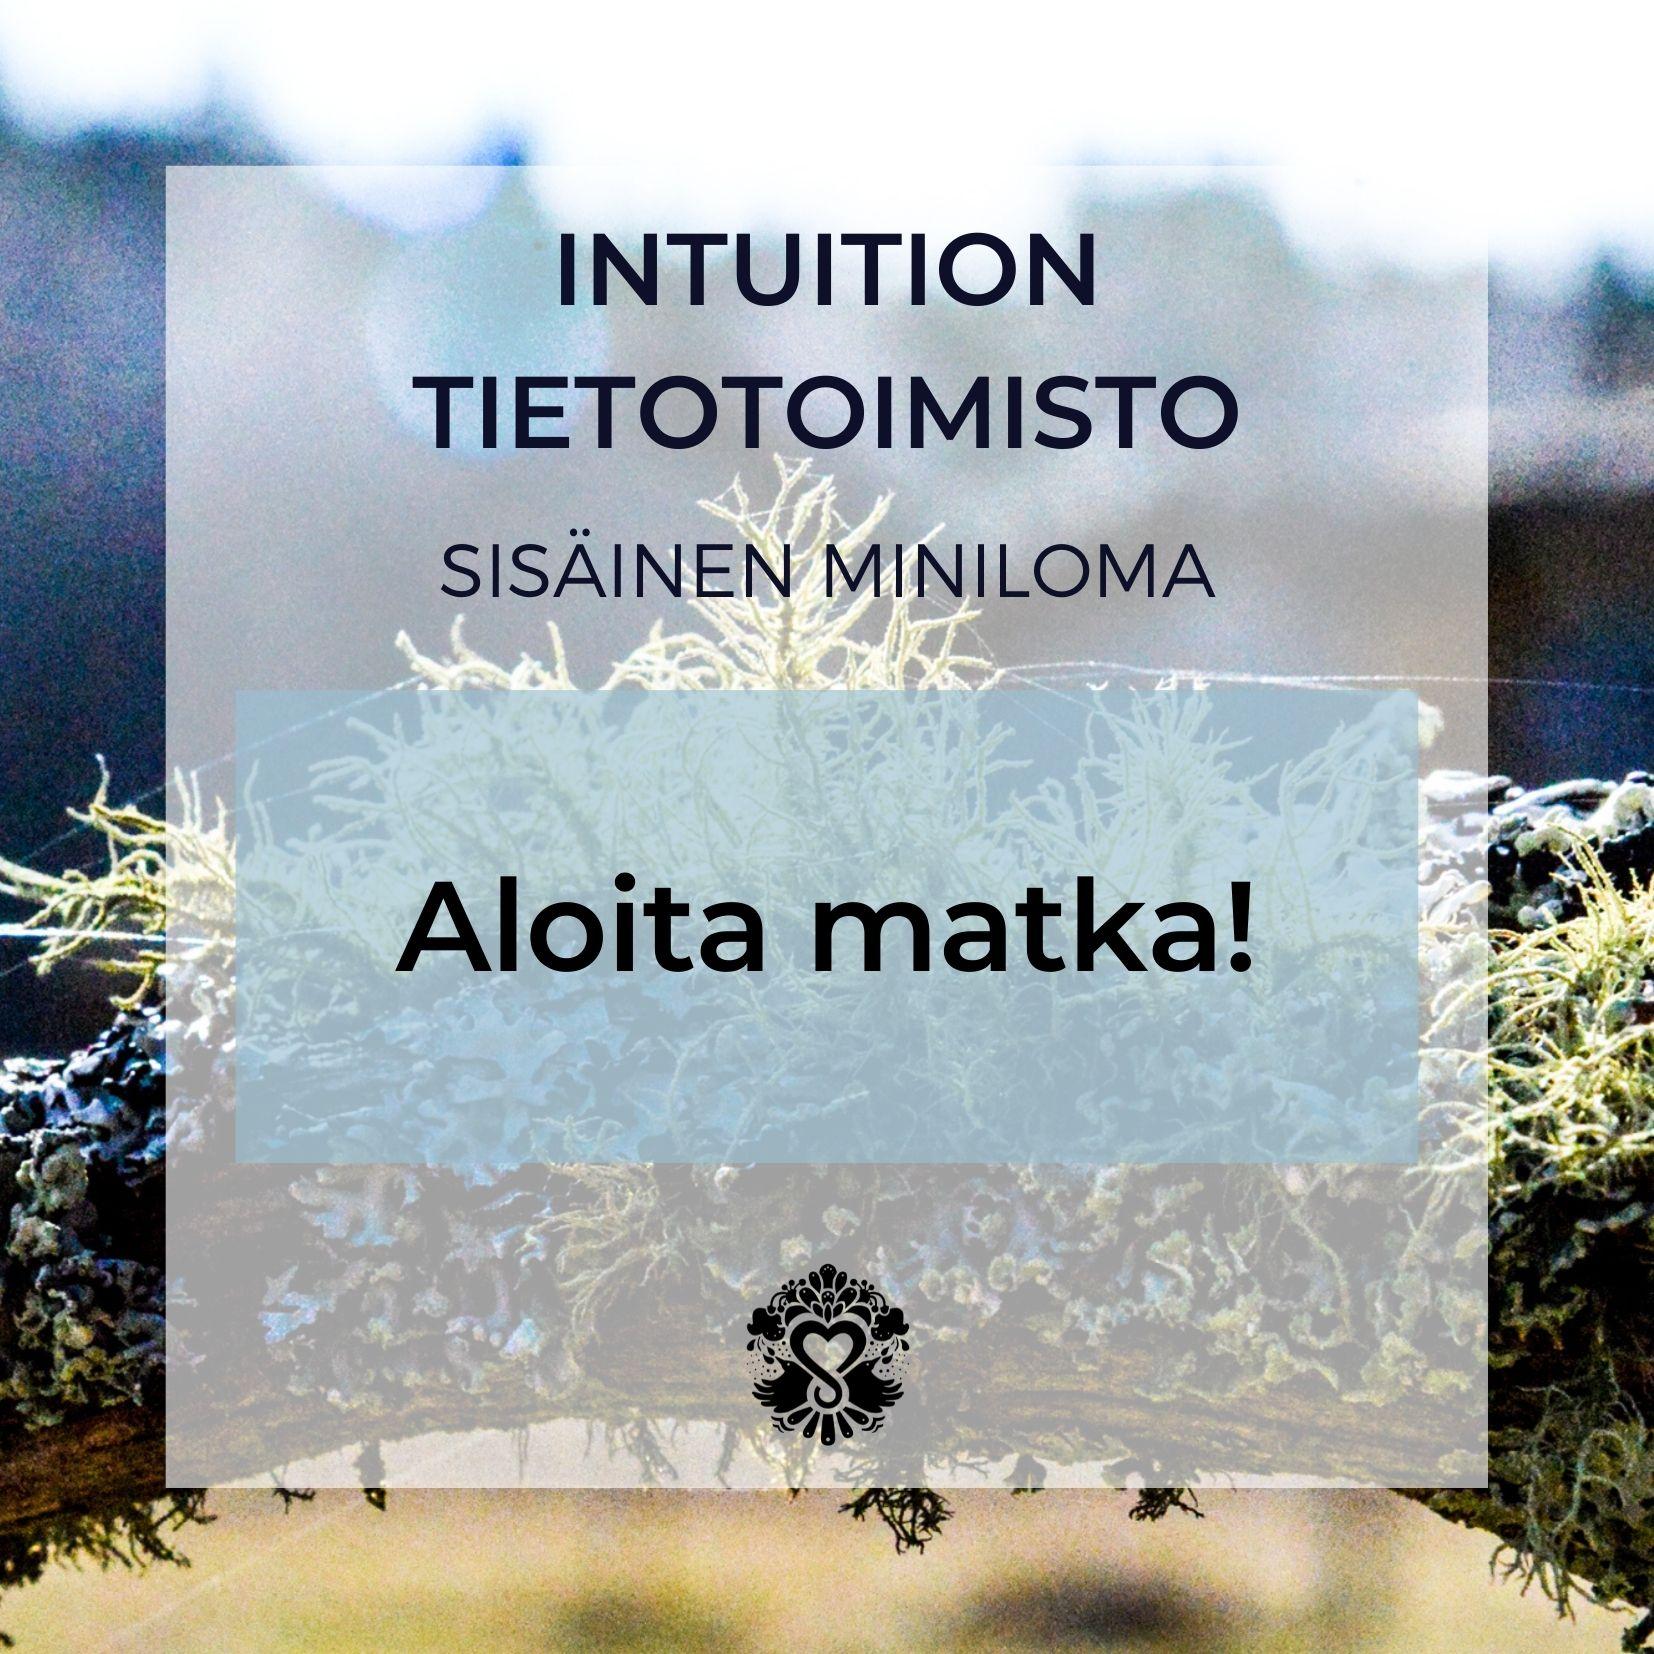 Sisäinen miniloma: Intuition tietotoimisto